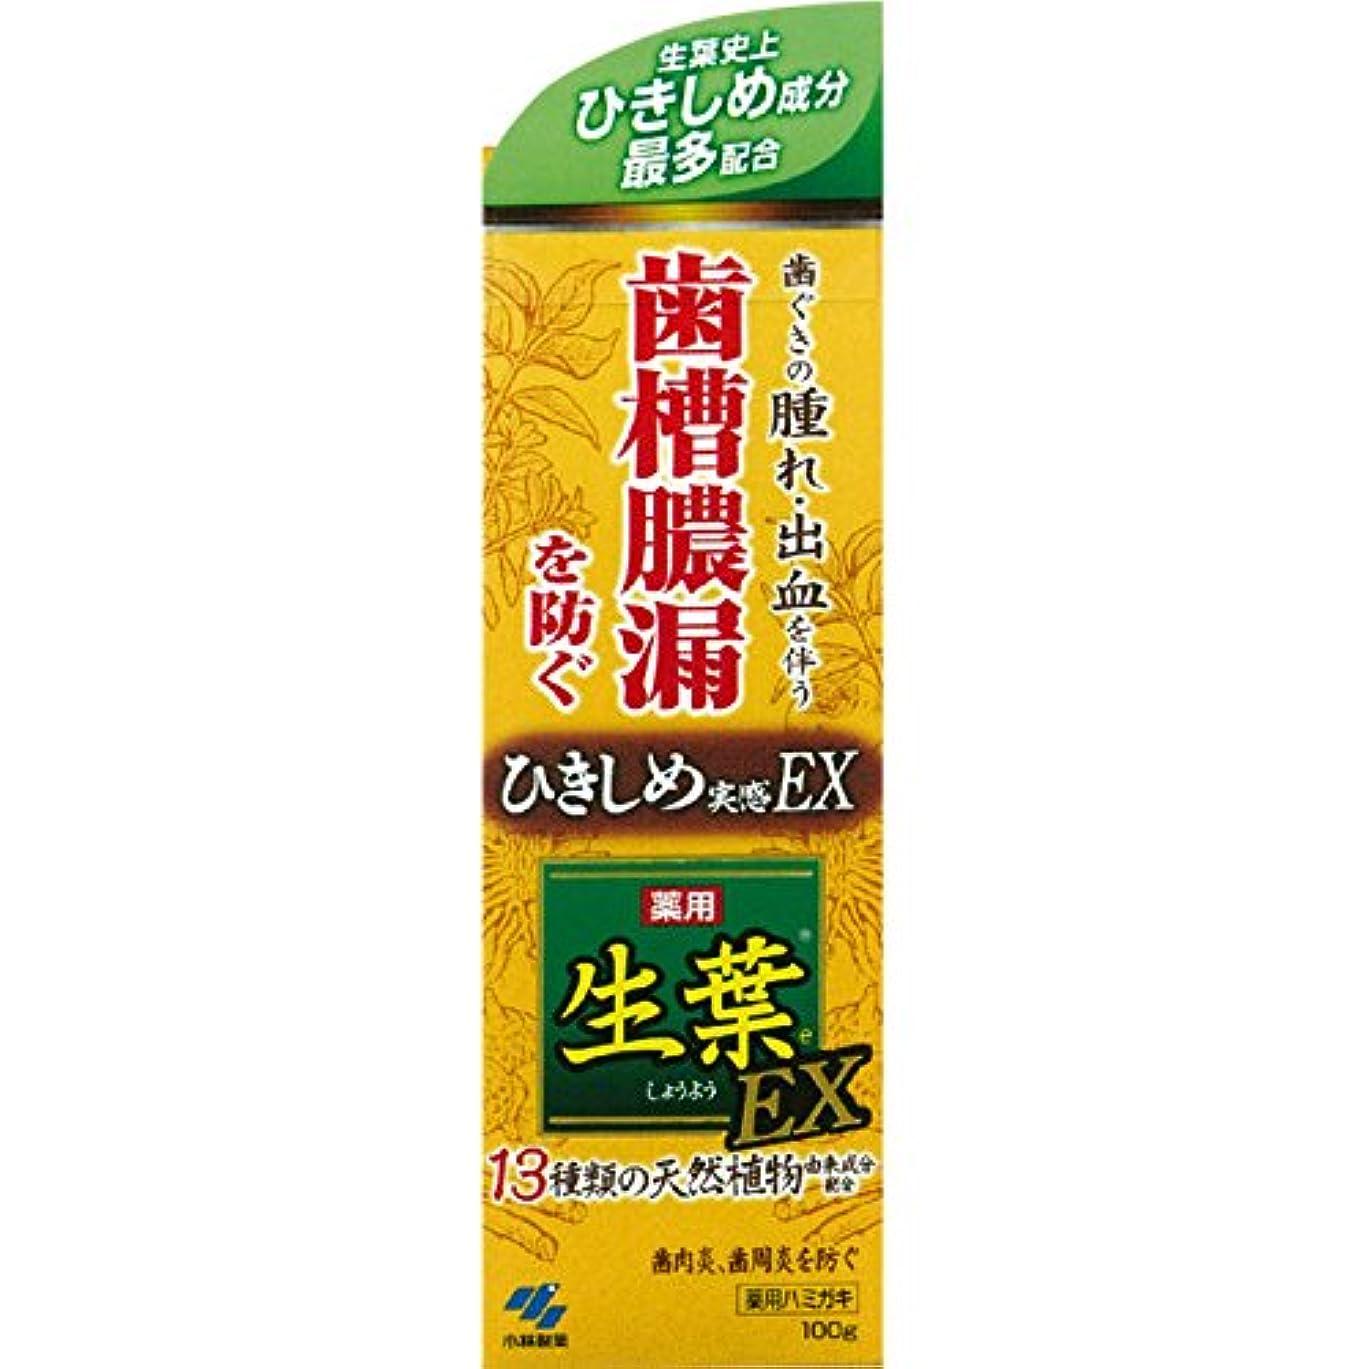 生葉EX 100g x6個セット